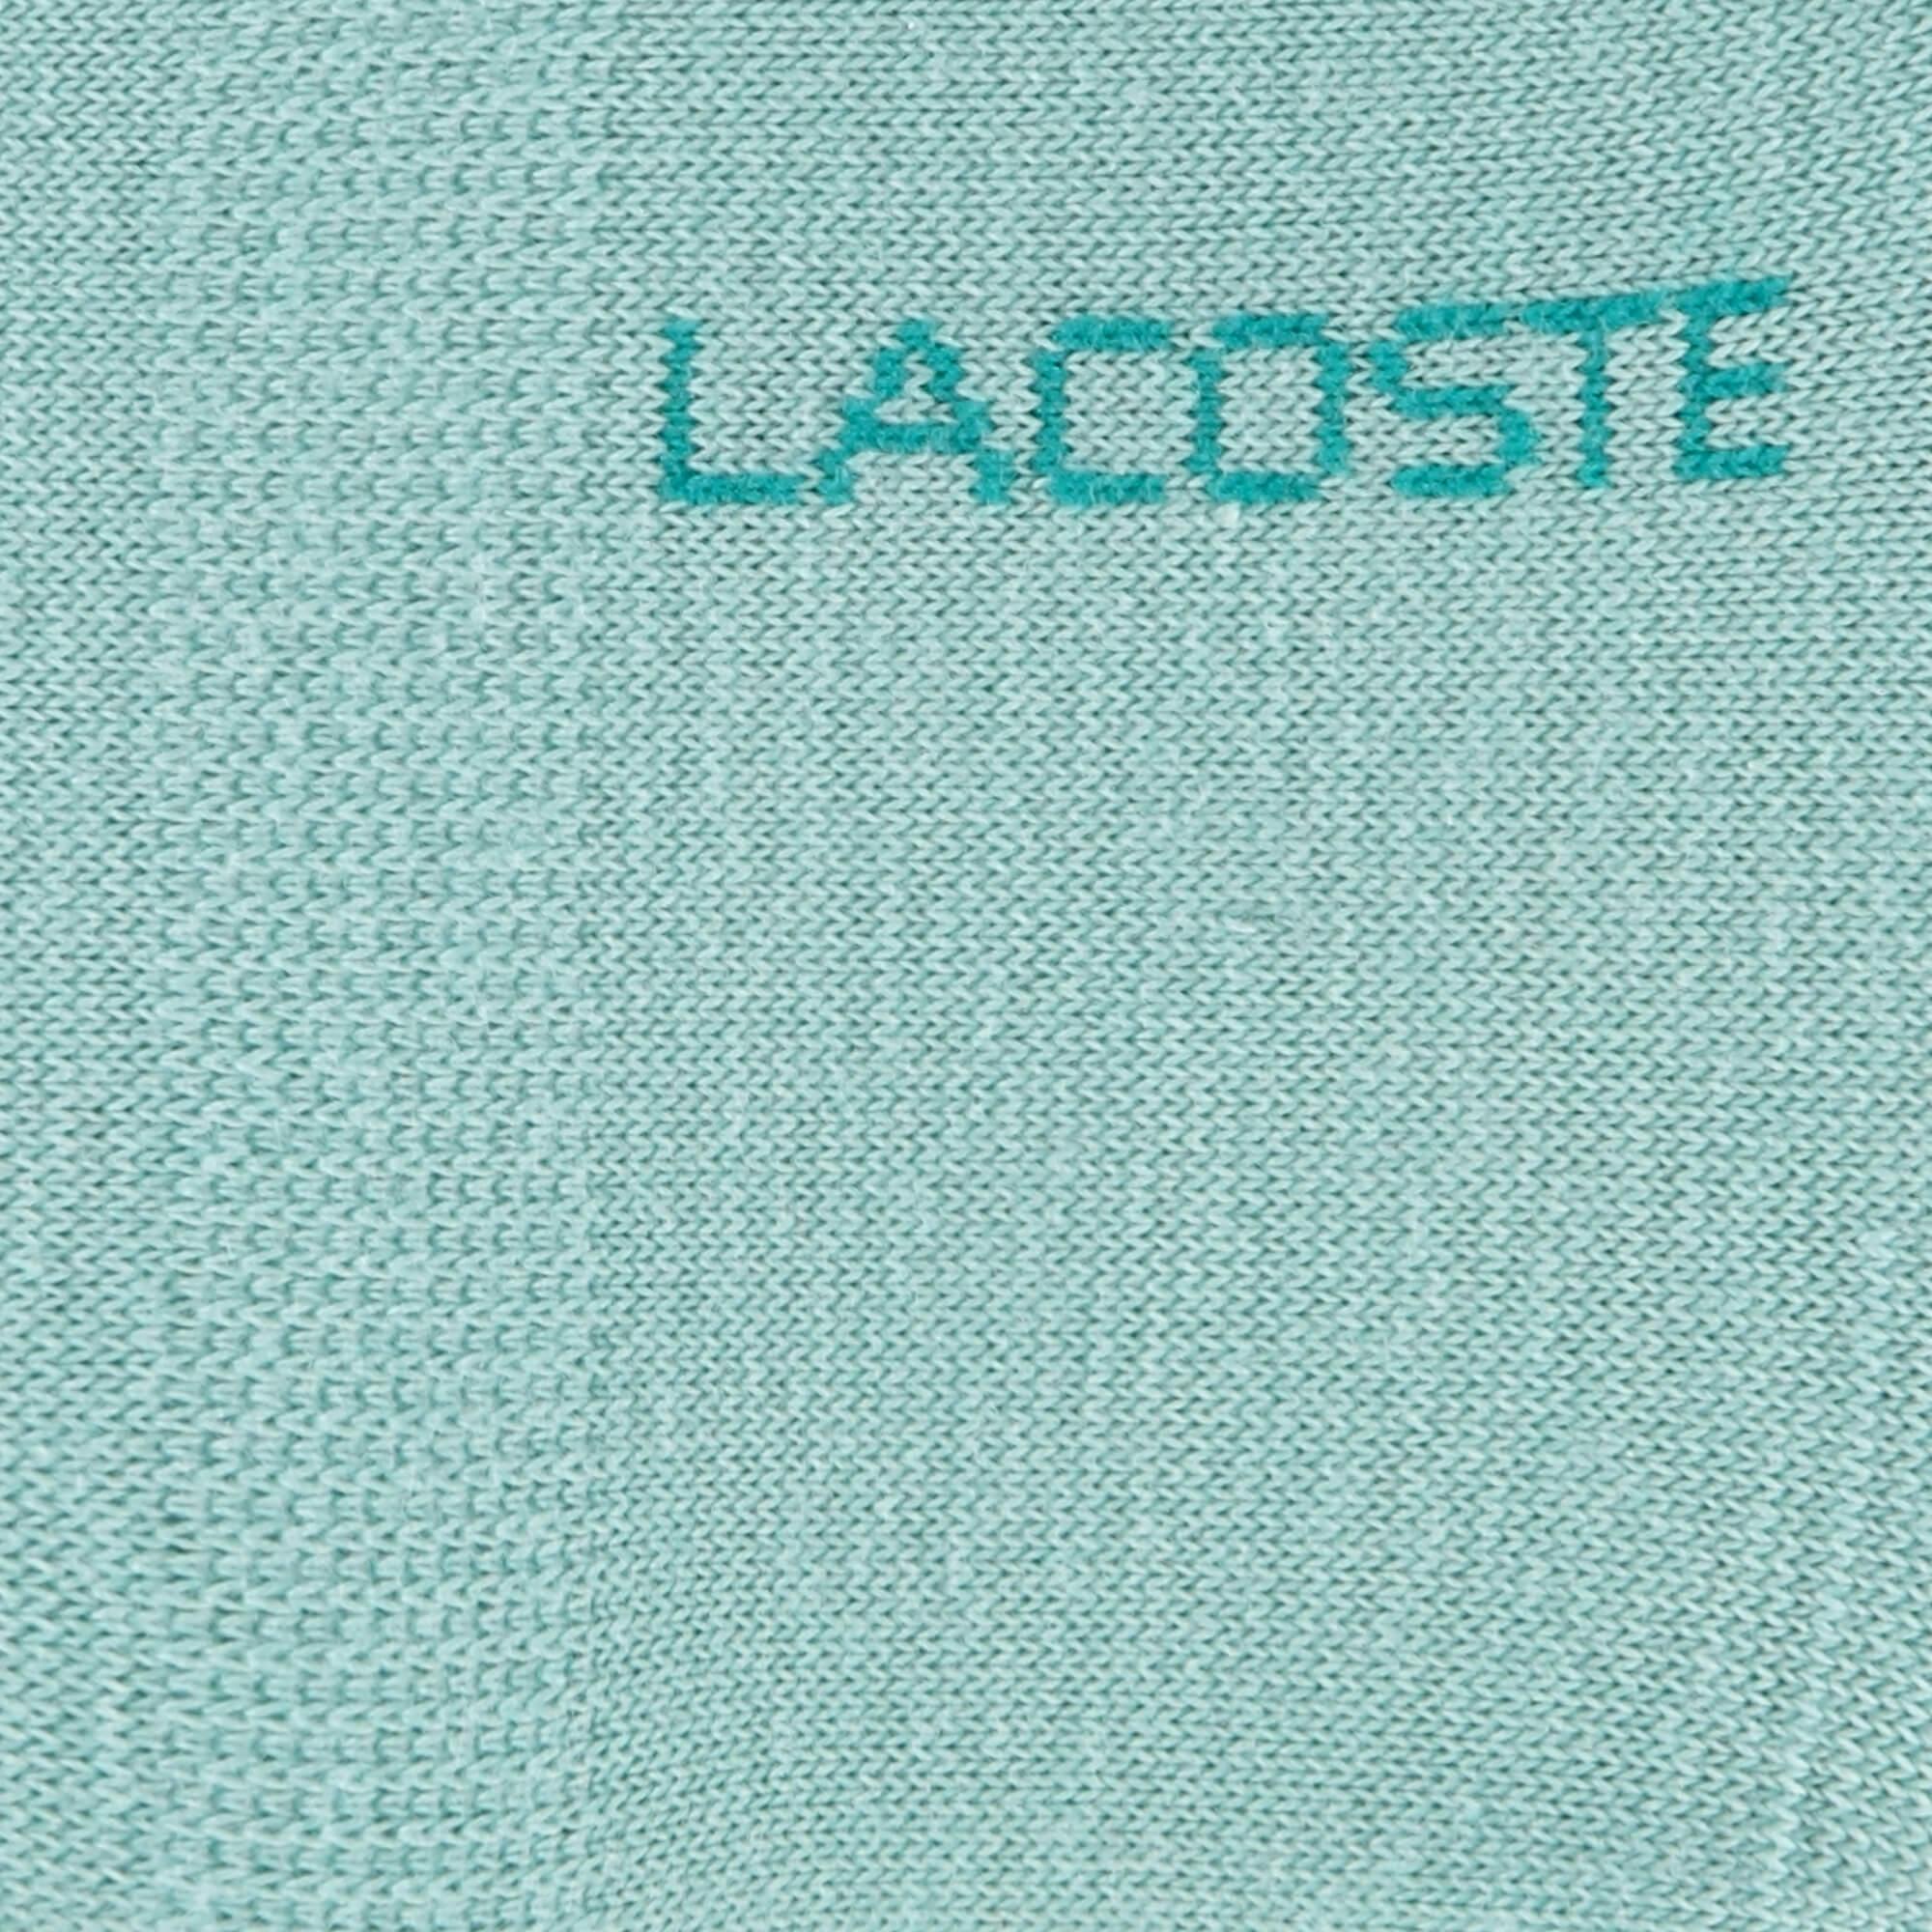 Lacoste Kadın Babet Çorap